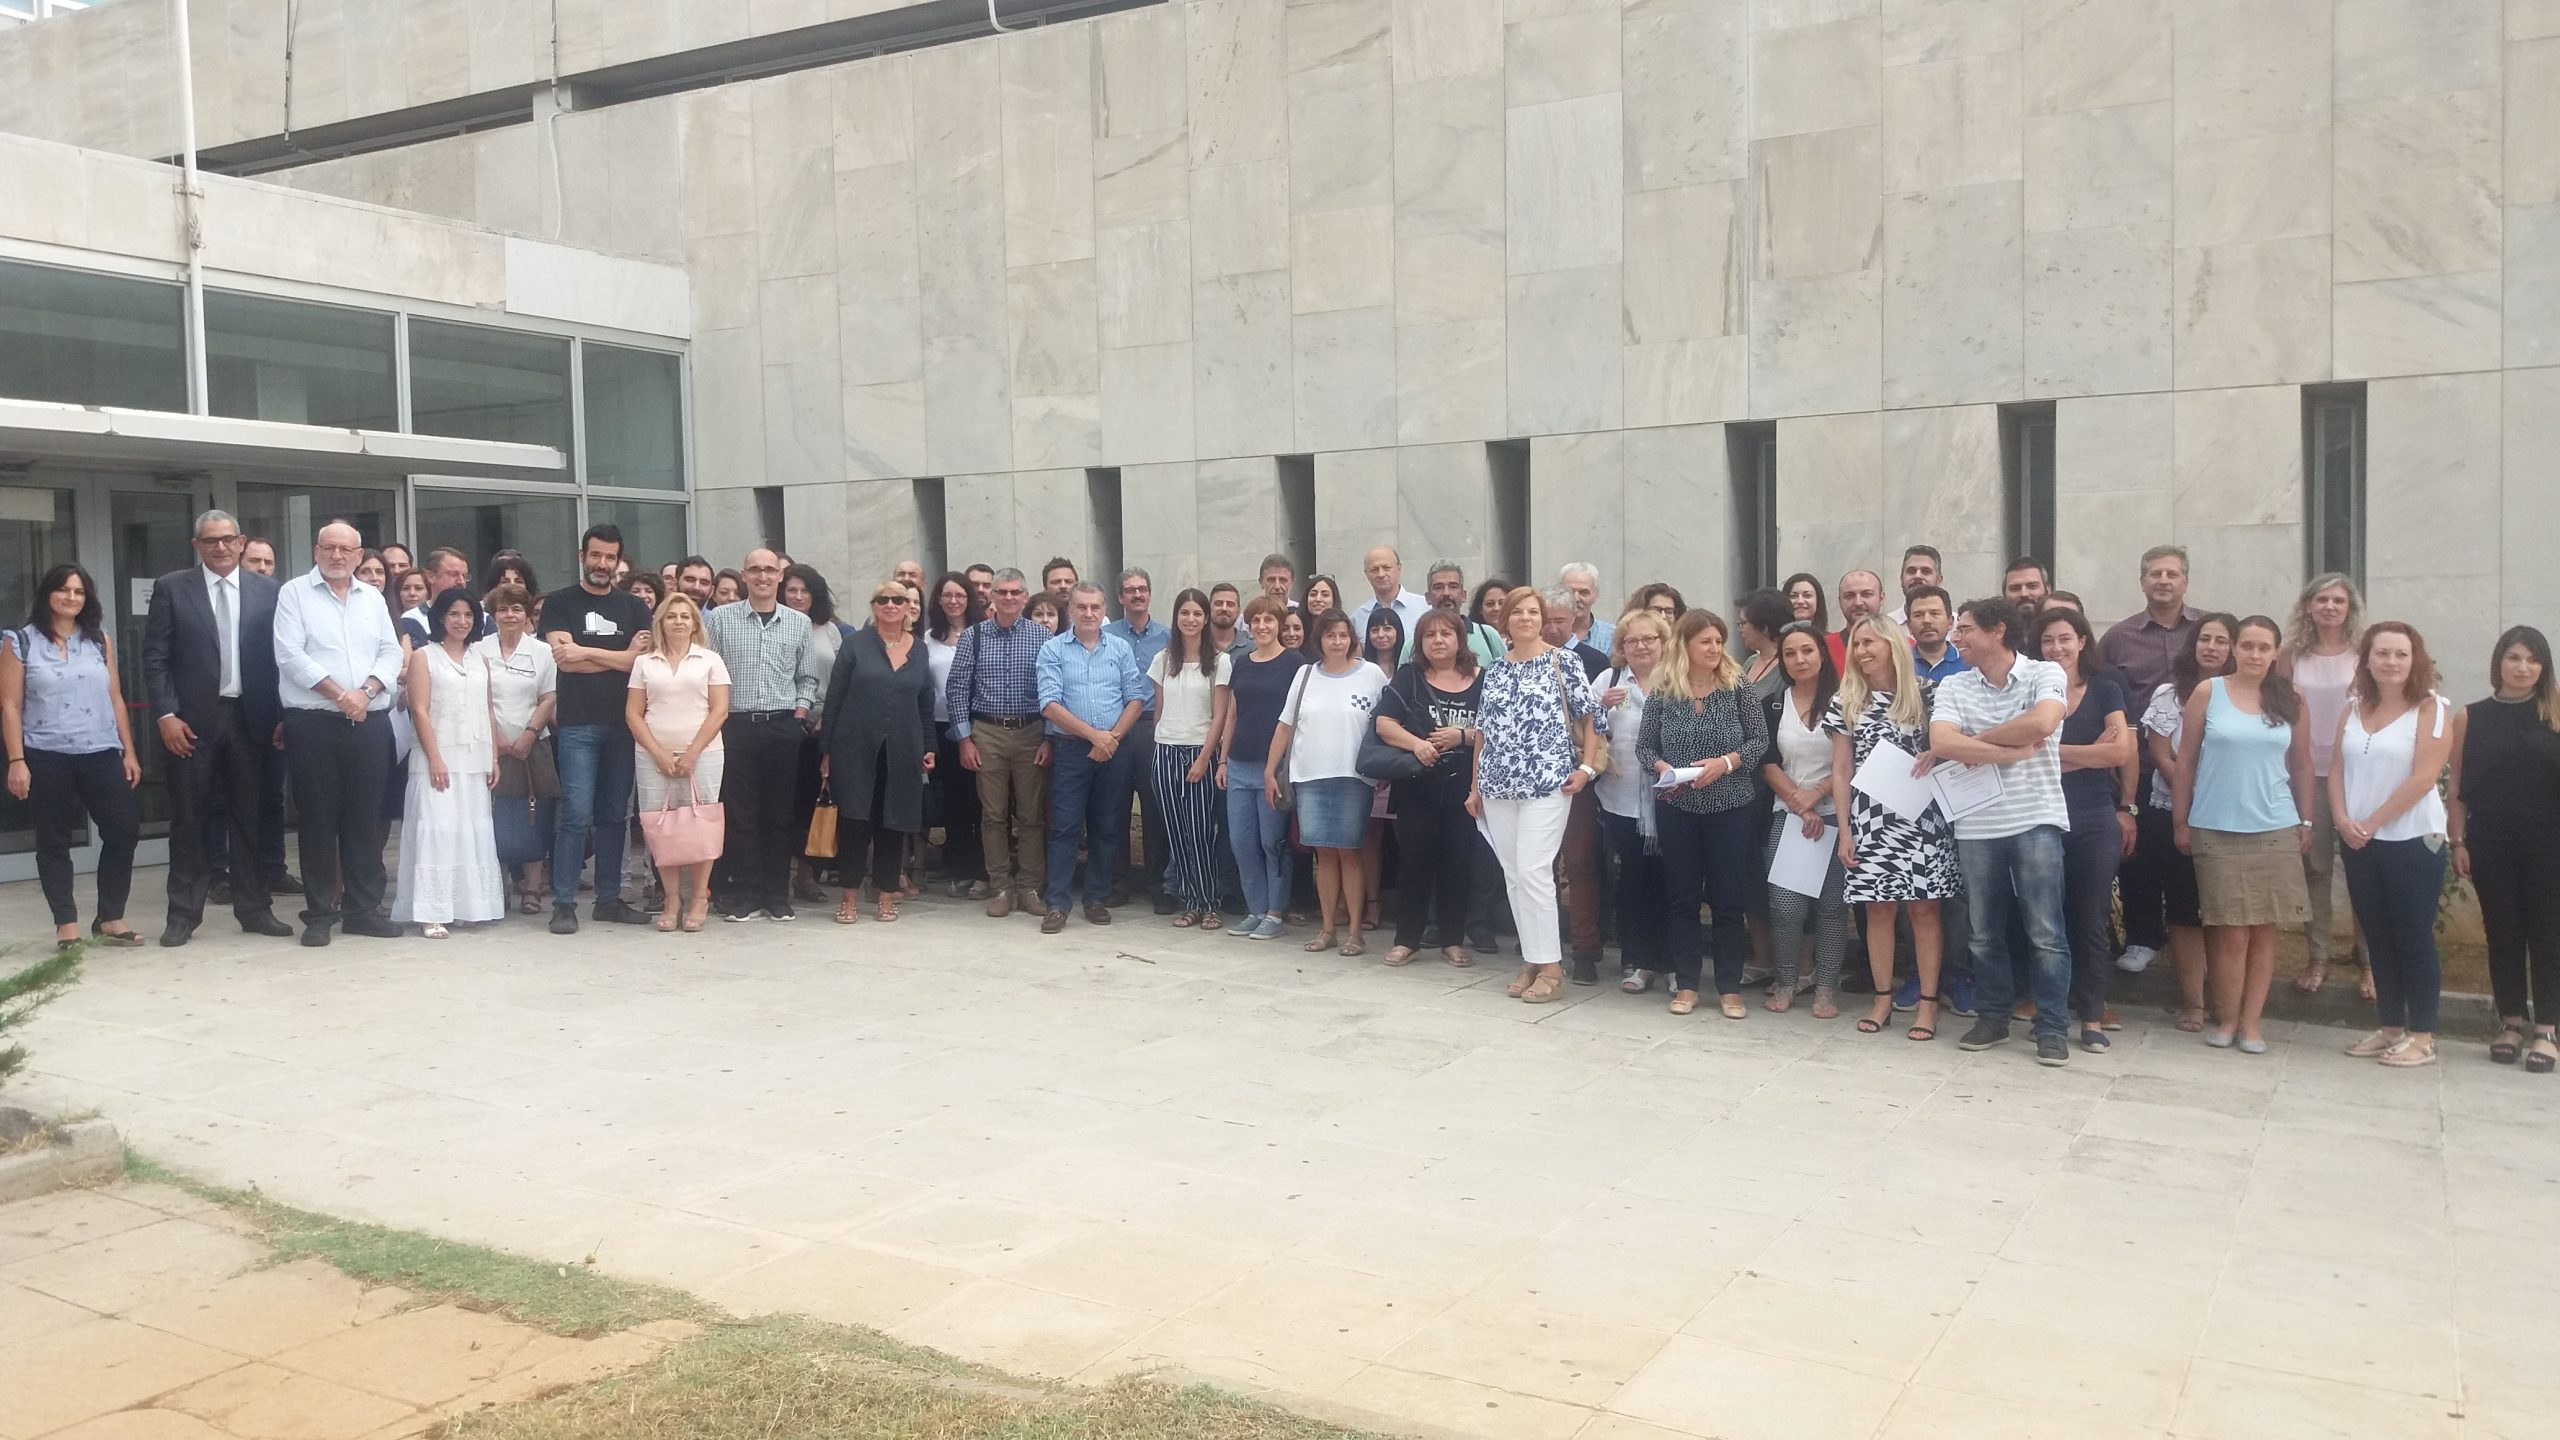 Σεμινάριο (ειδικά θέματα) για την μετάβαση στην νέα έκδοση του ΕΝ ISO 17025: 2017 οργανωμένο από την HellasLab